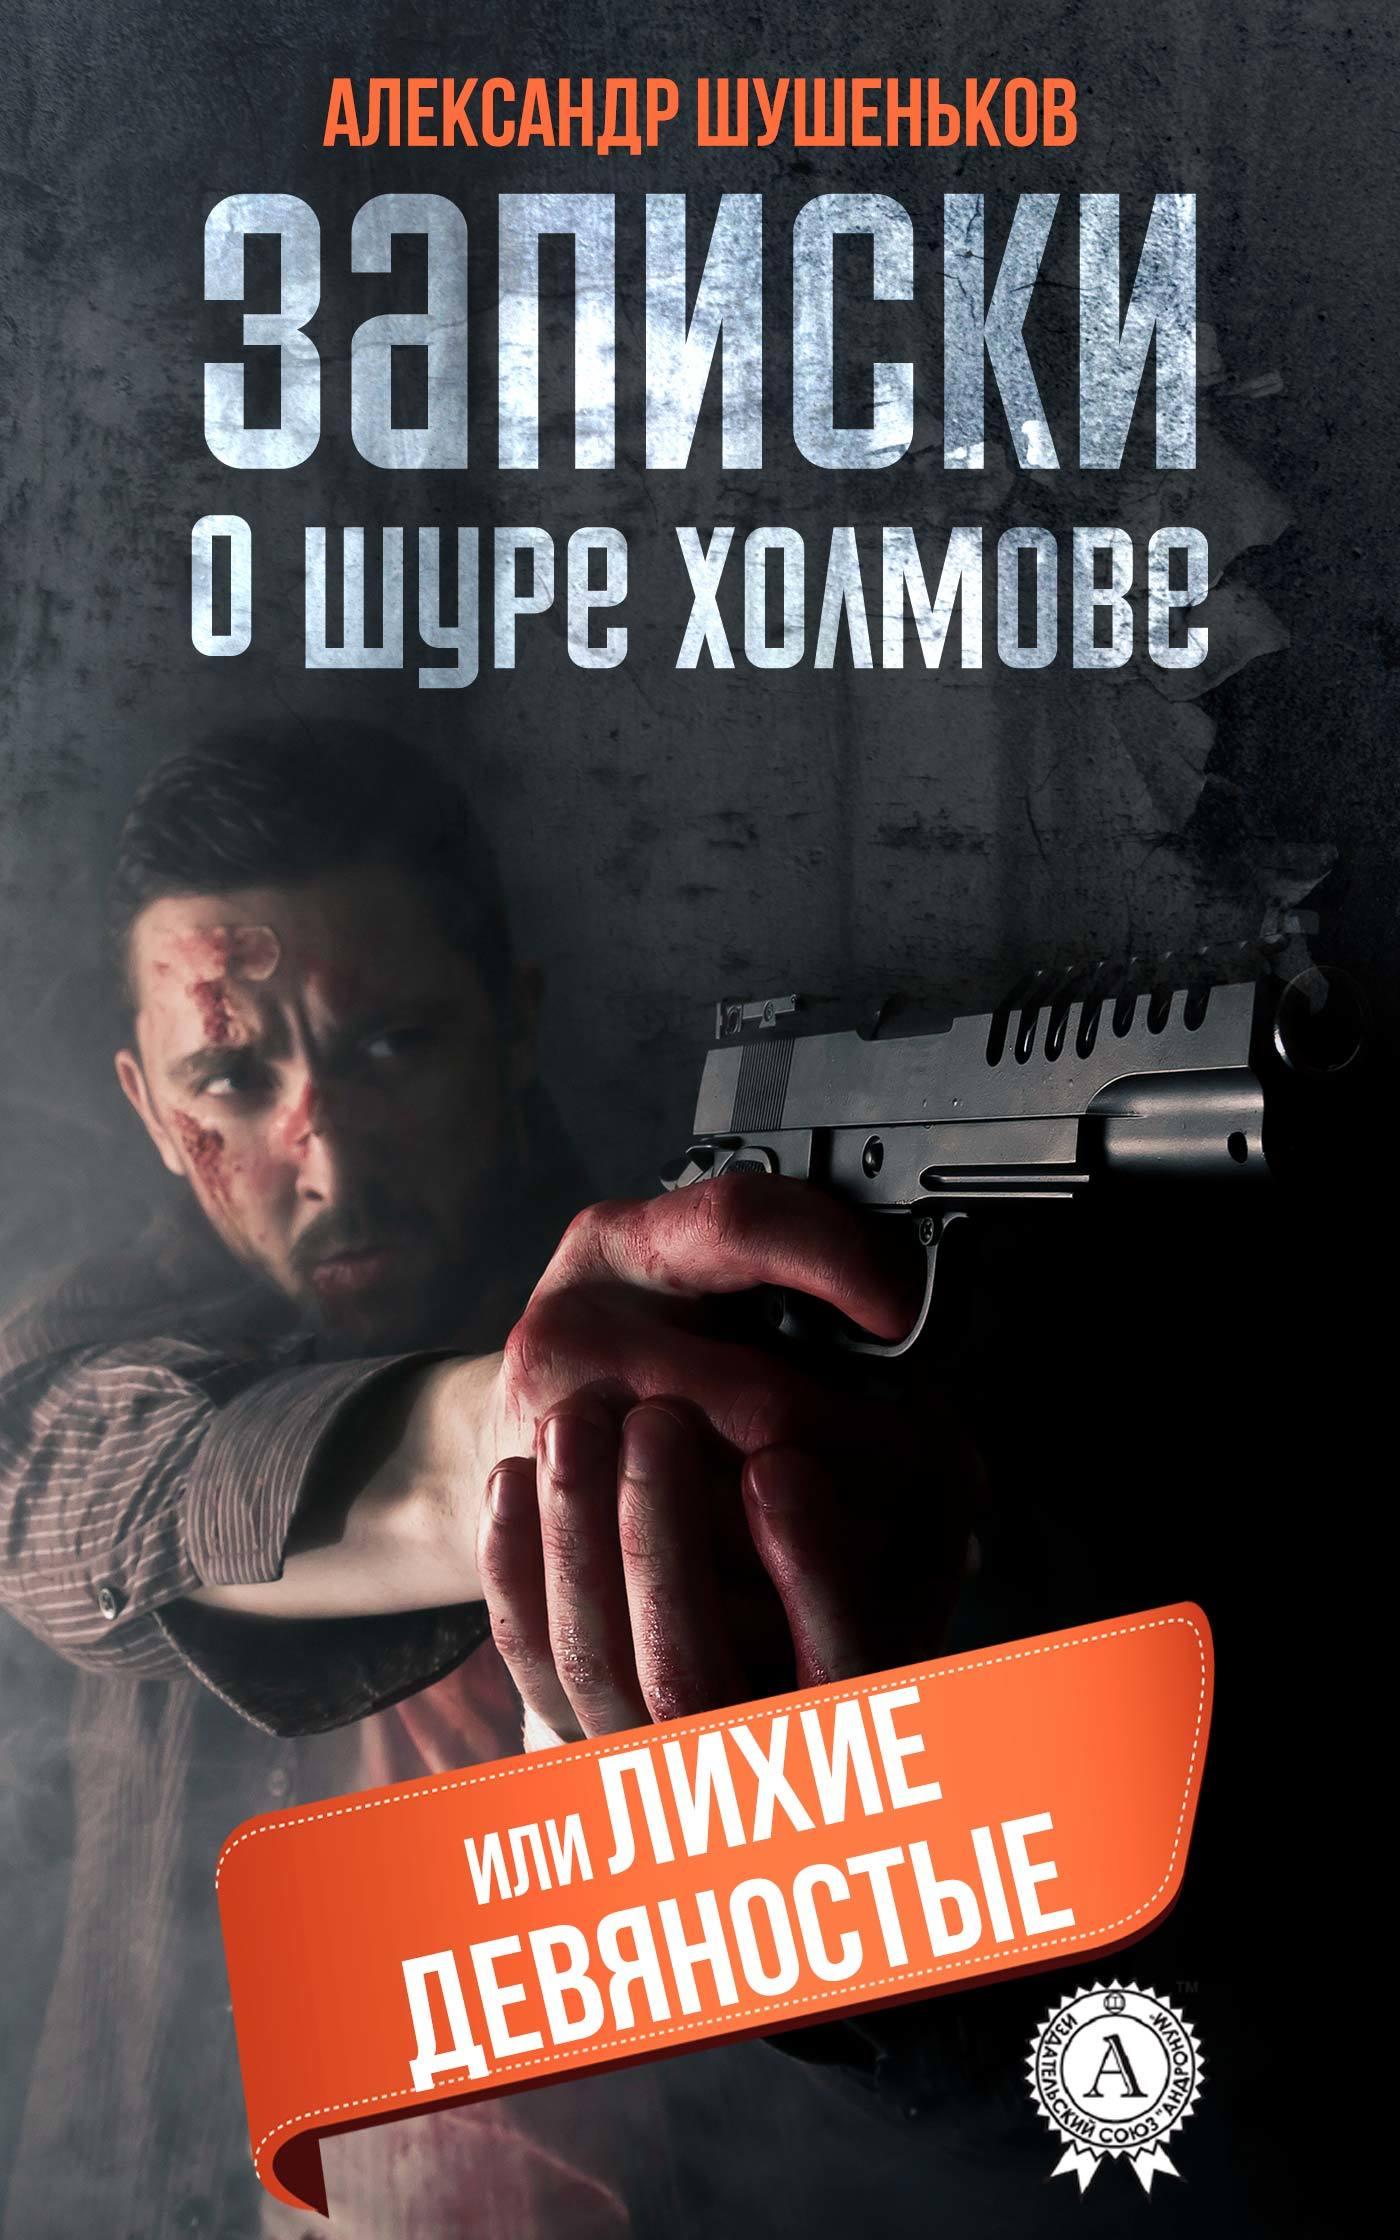 Записки о Шуре Холмове, или лихие девяностые_Александр Шушеньков